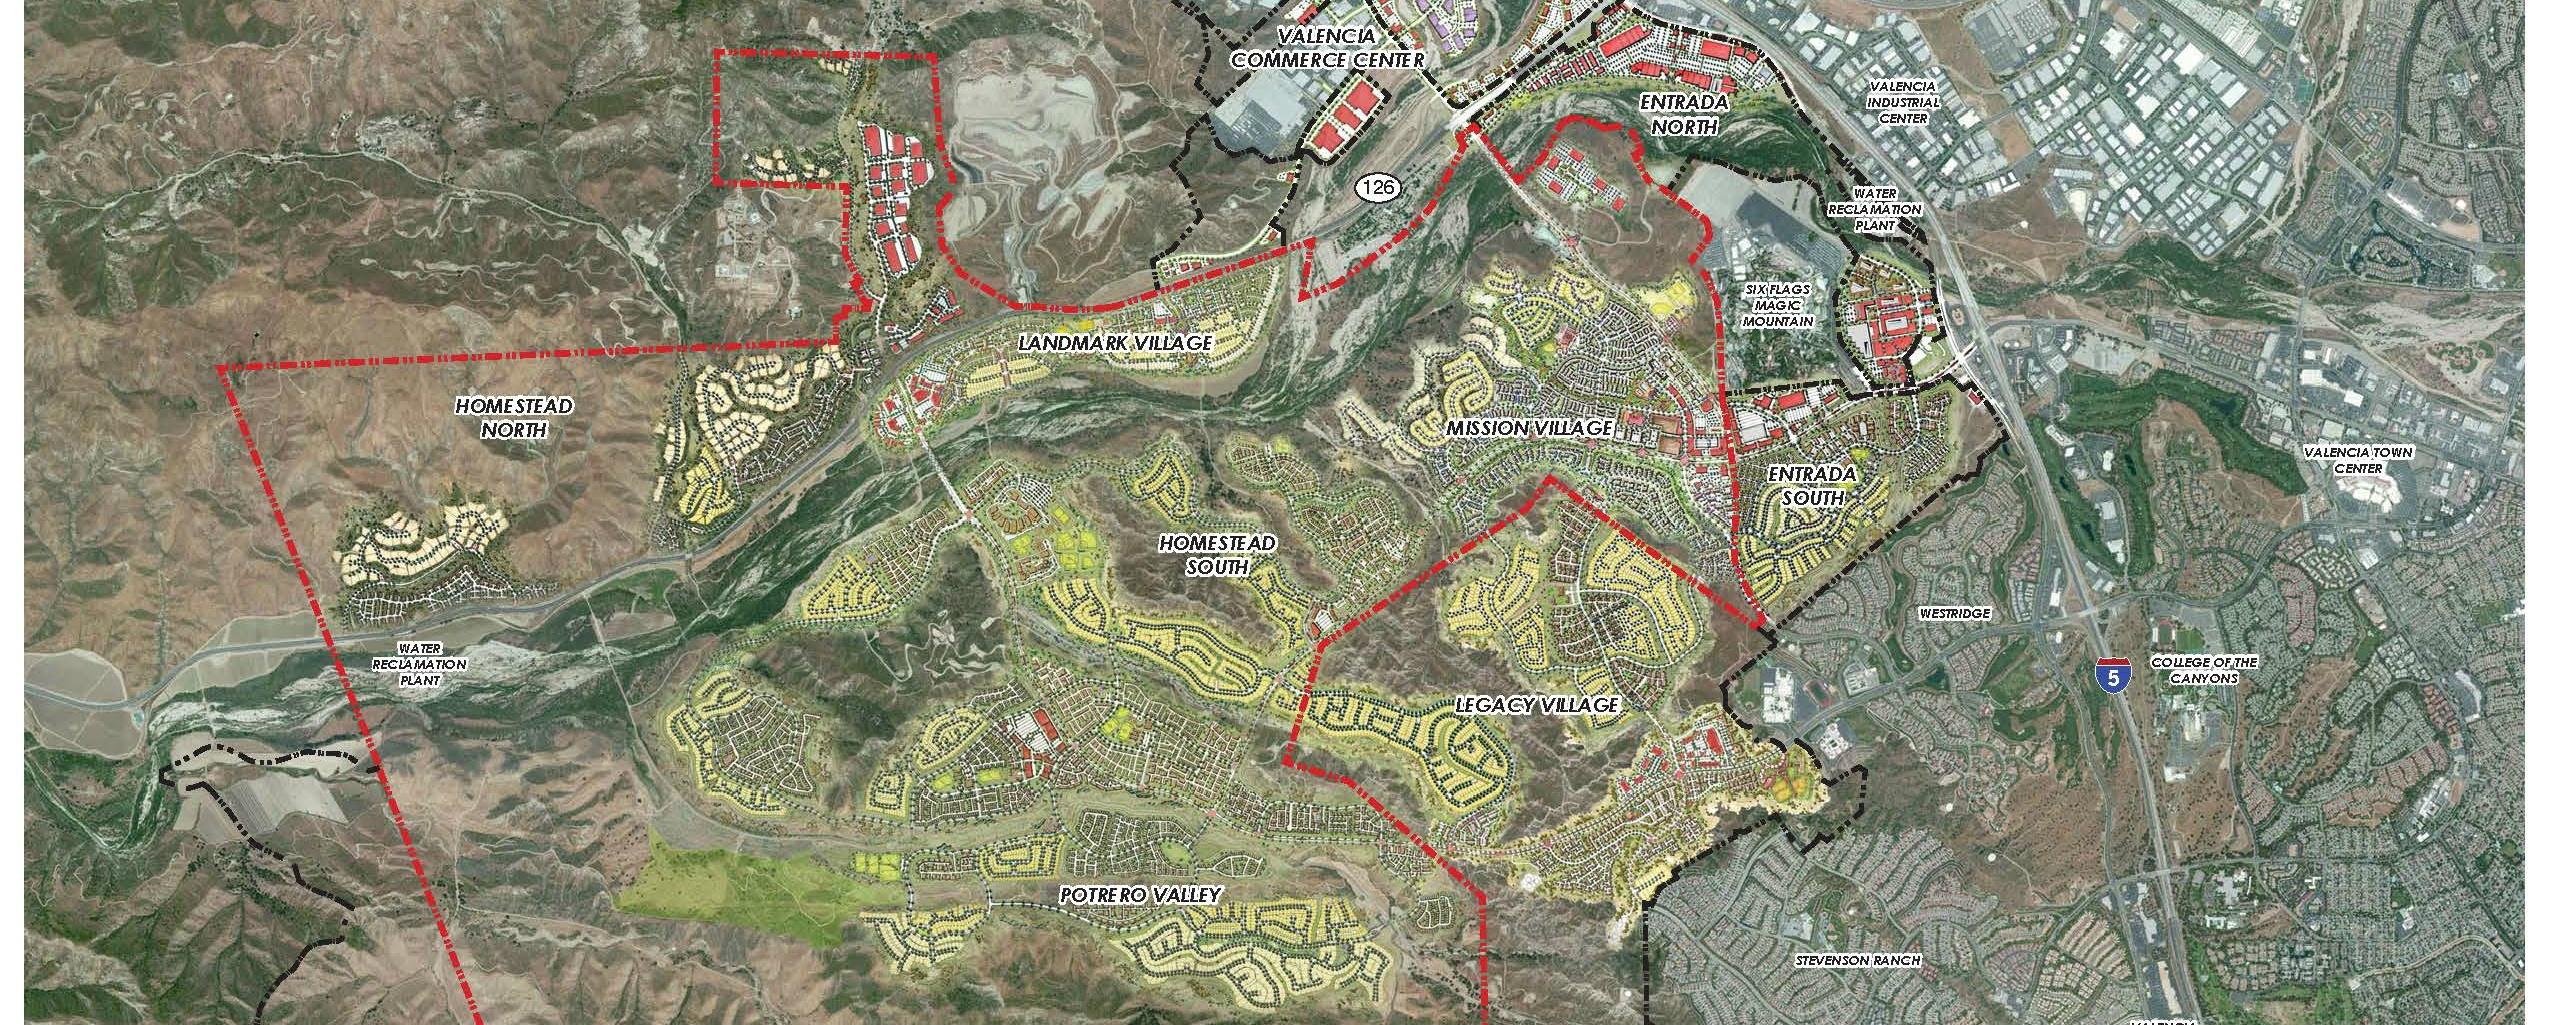 Newhall Ranch Santa Clarita Valley